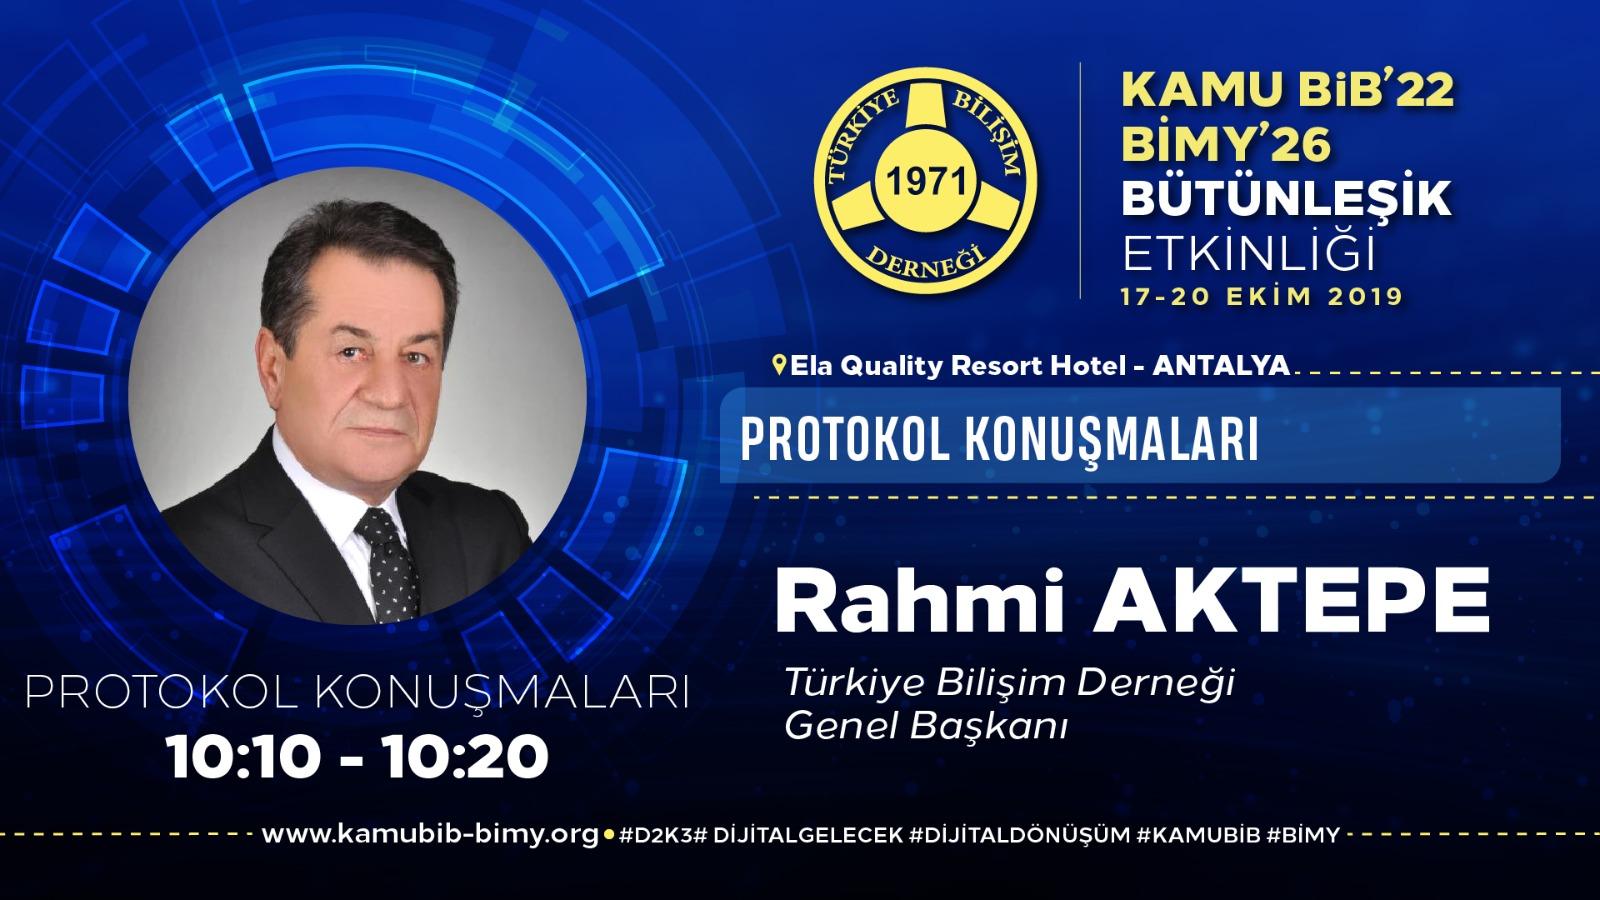 Rahmi AKTEPE - KamuBİB'22 BİMY'26